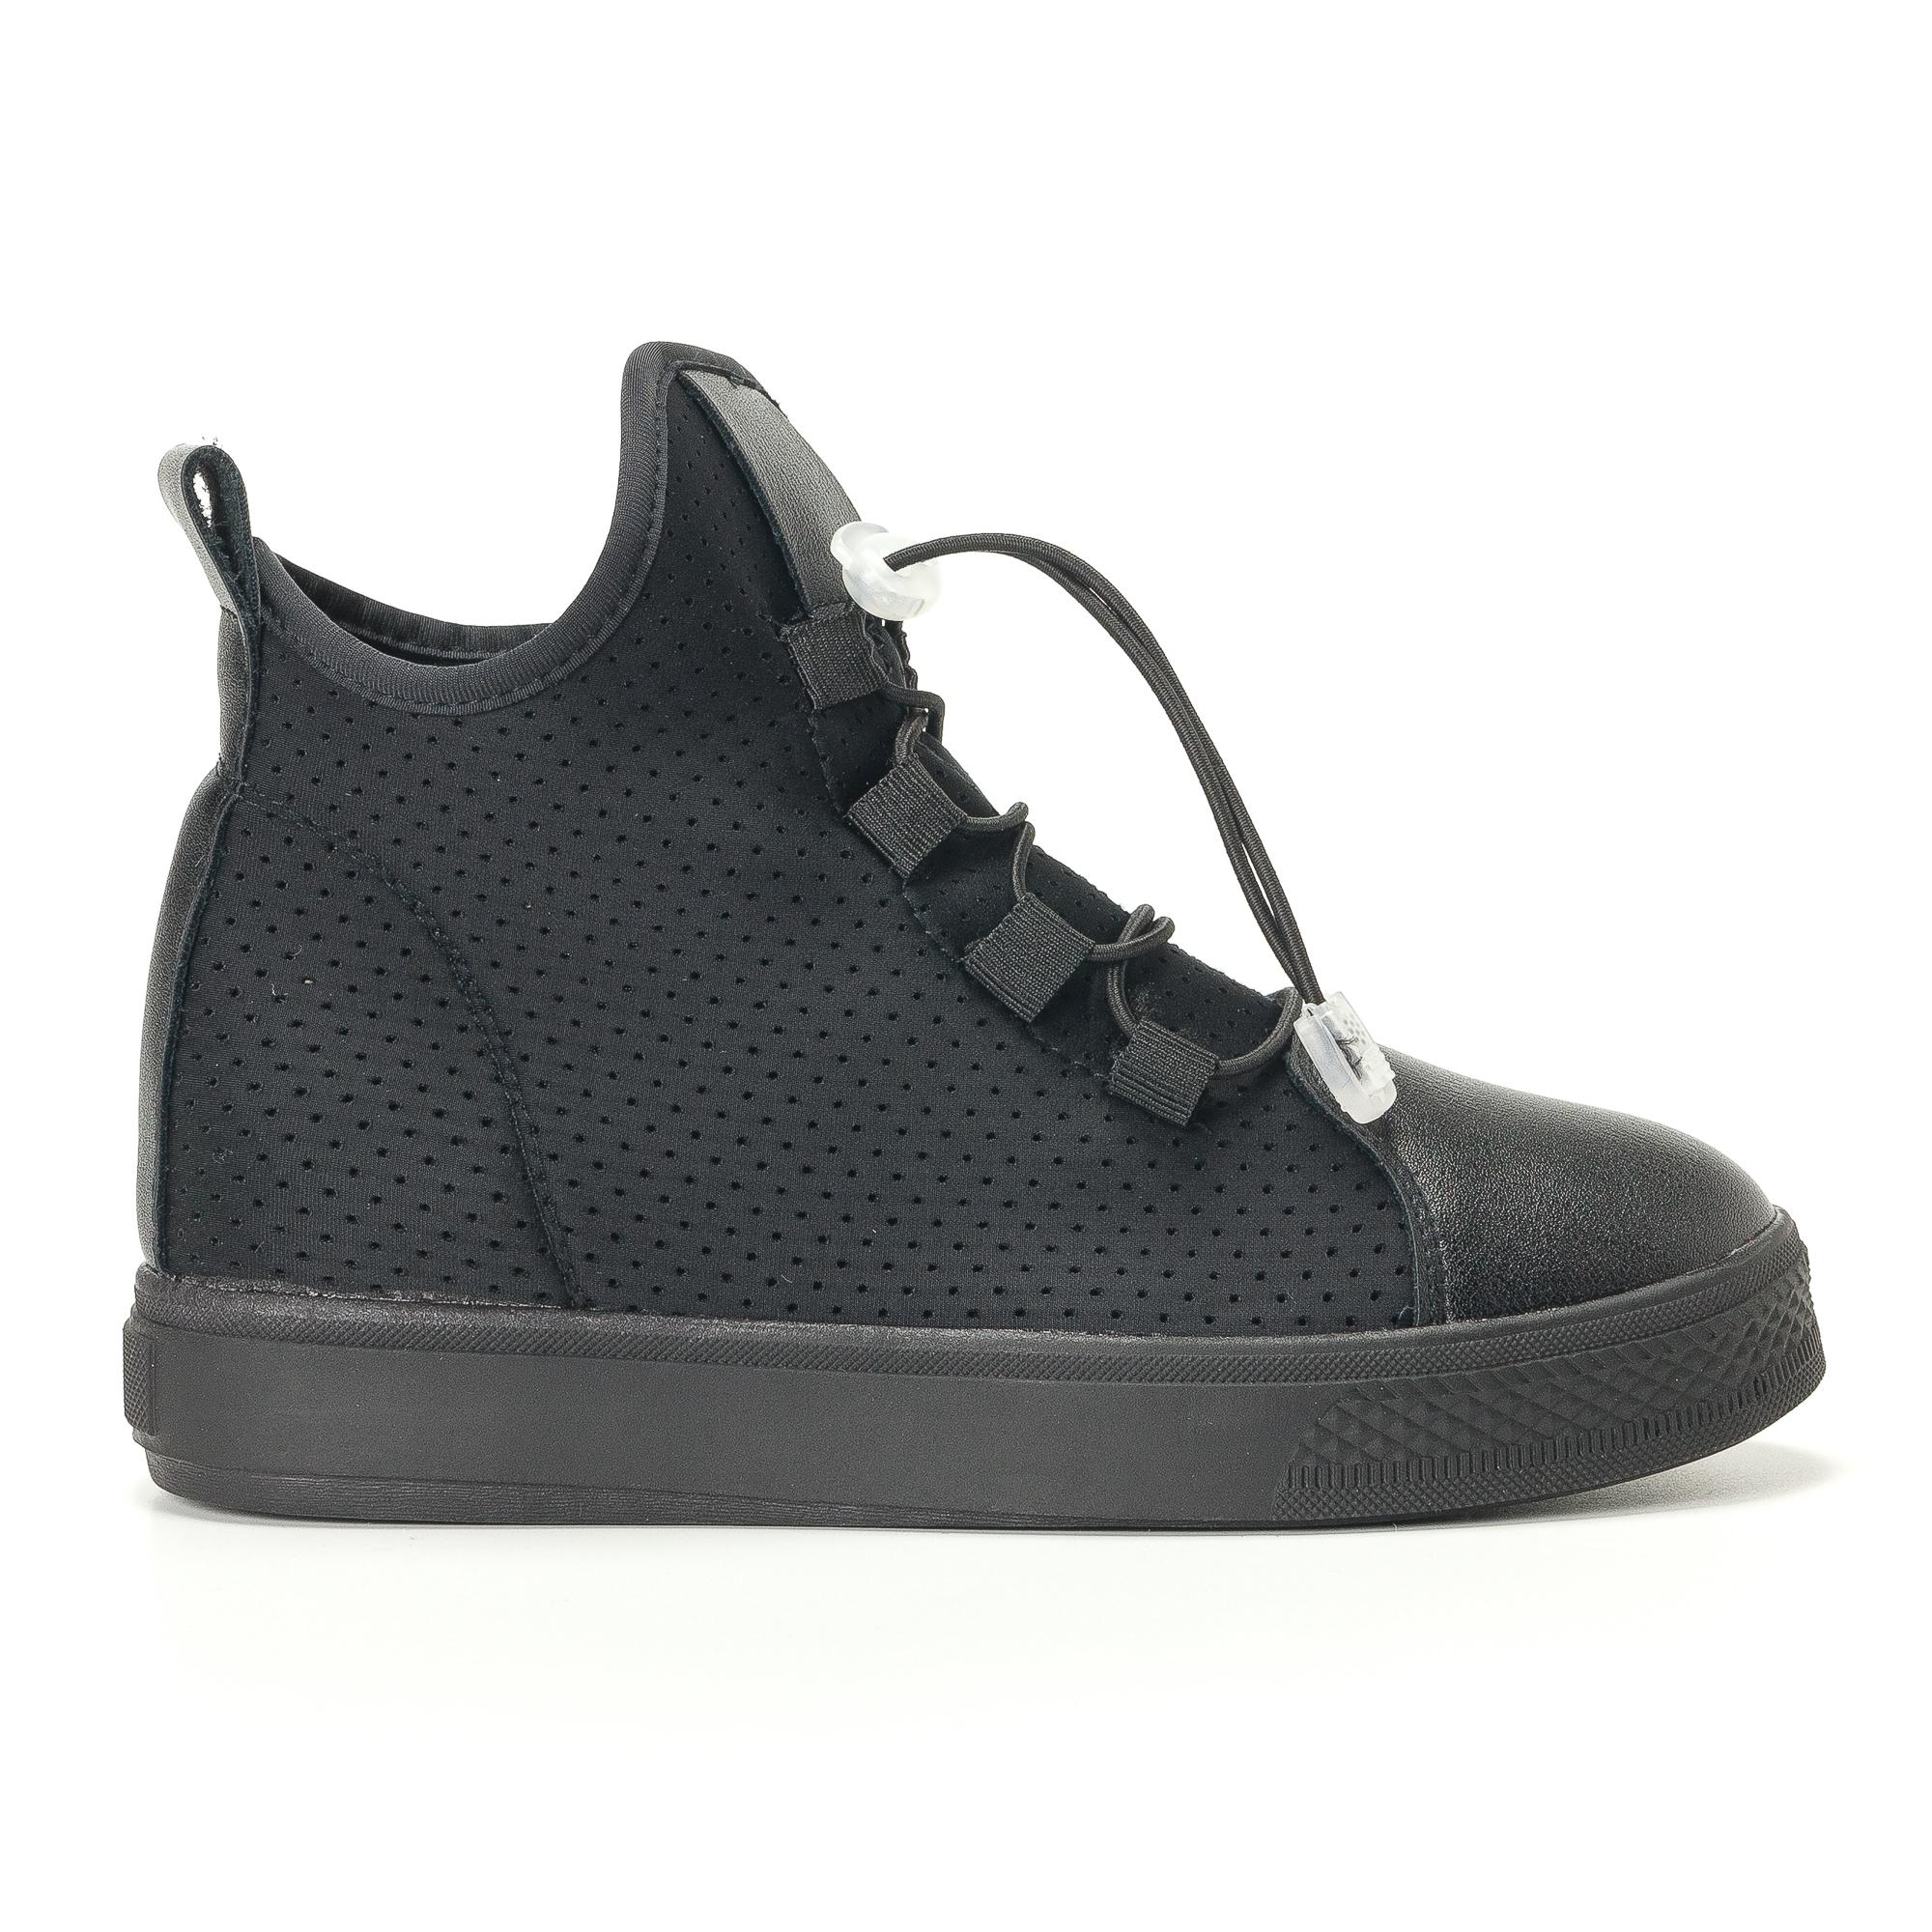 Γυναικεία μαύρα ψηλά sneakers από συνδυασμό υφασμάτων με ελαστικά κορδόνια